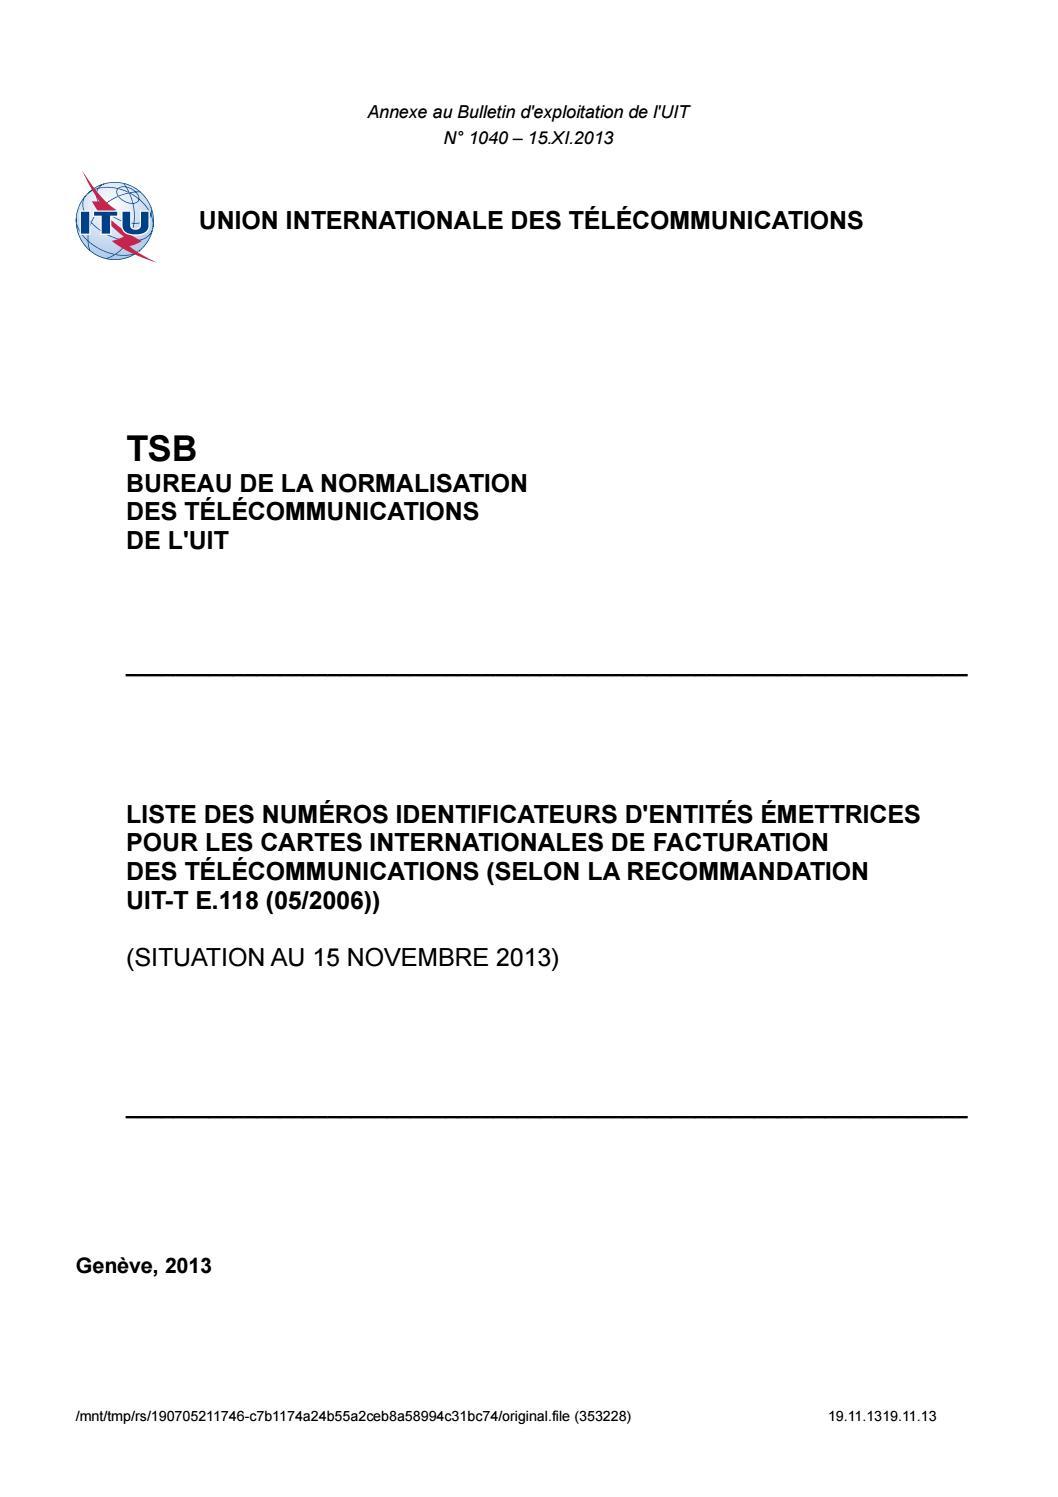 güvenli koordinasyon görevlisi sertifika program indirimli gardrop